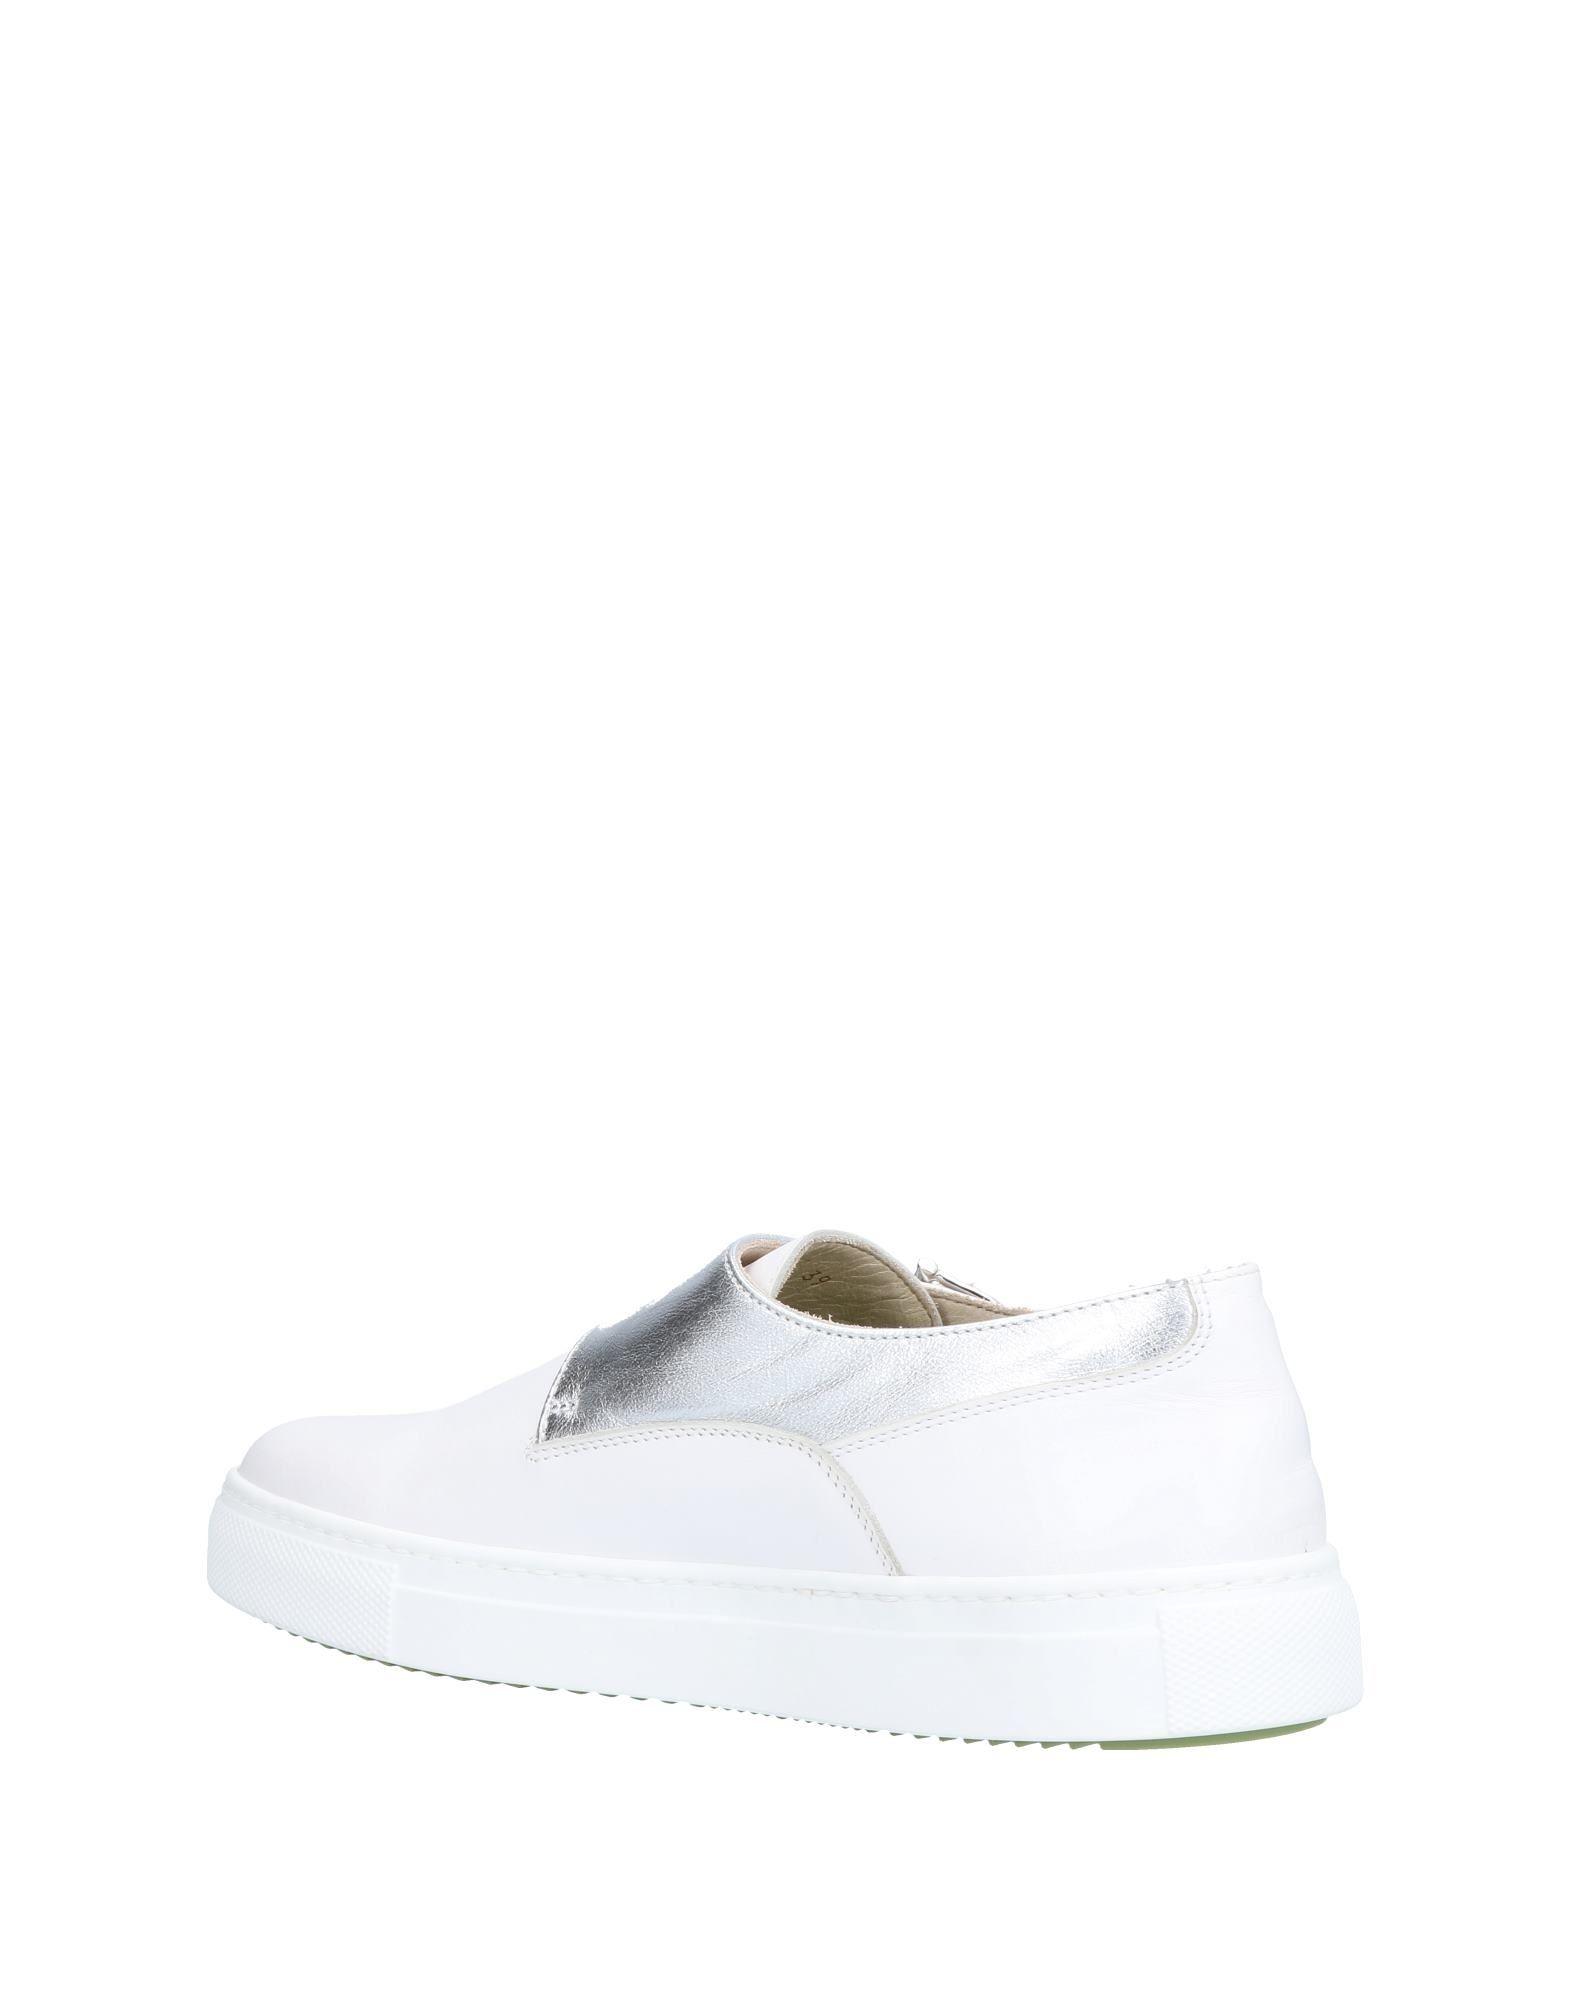 ( Verba ) Sneakers Damen Schuhe  11484094JO Gute Qualität beliebte Schuhe Damen 061a4e